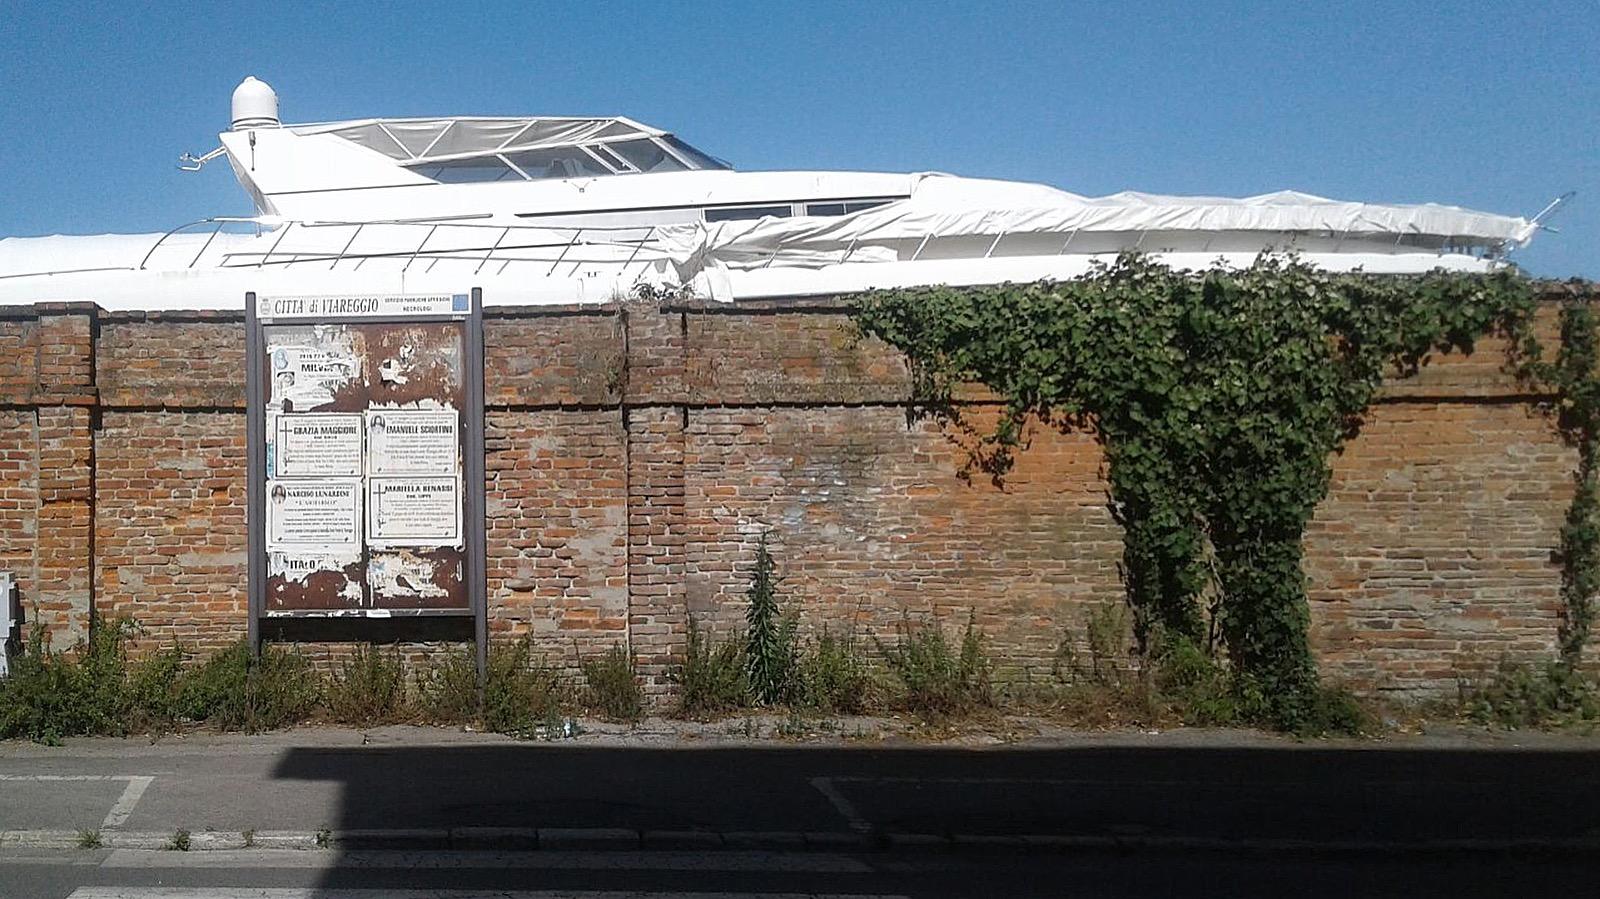 Il vecchio muro della F.E.R.V.E.T. di Viareggio, che nel luglio 1961 don Sirio Politi osò scavalcare per andare a celebrare messa con gli operai in sciopero.